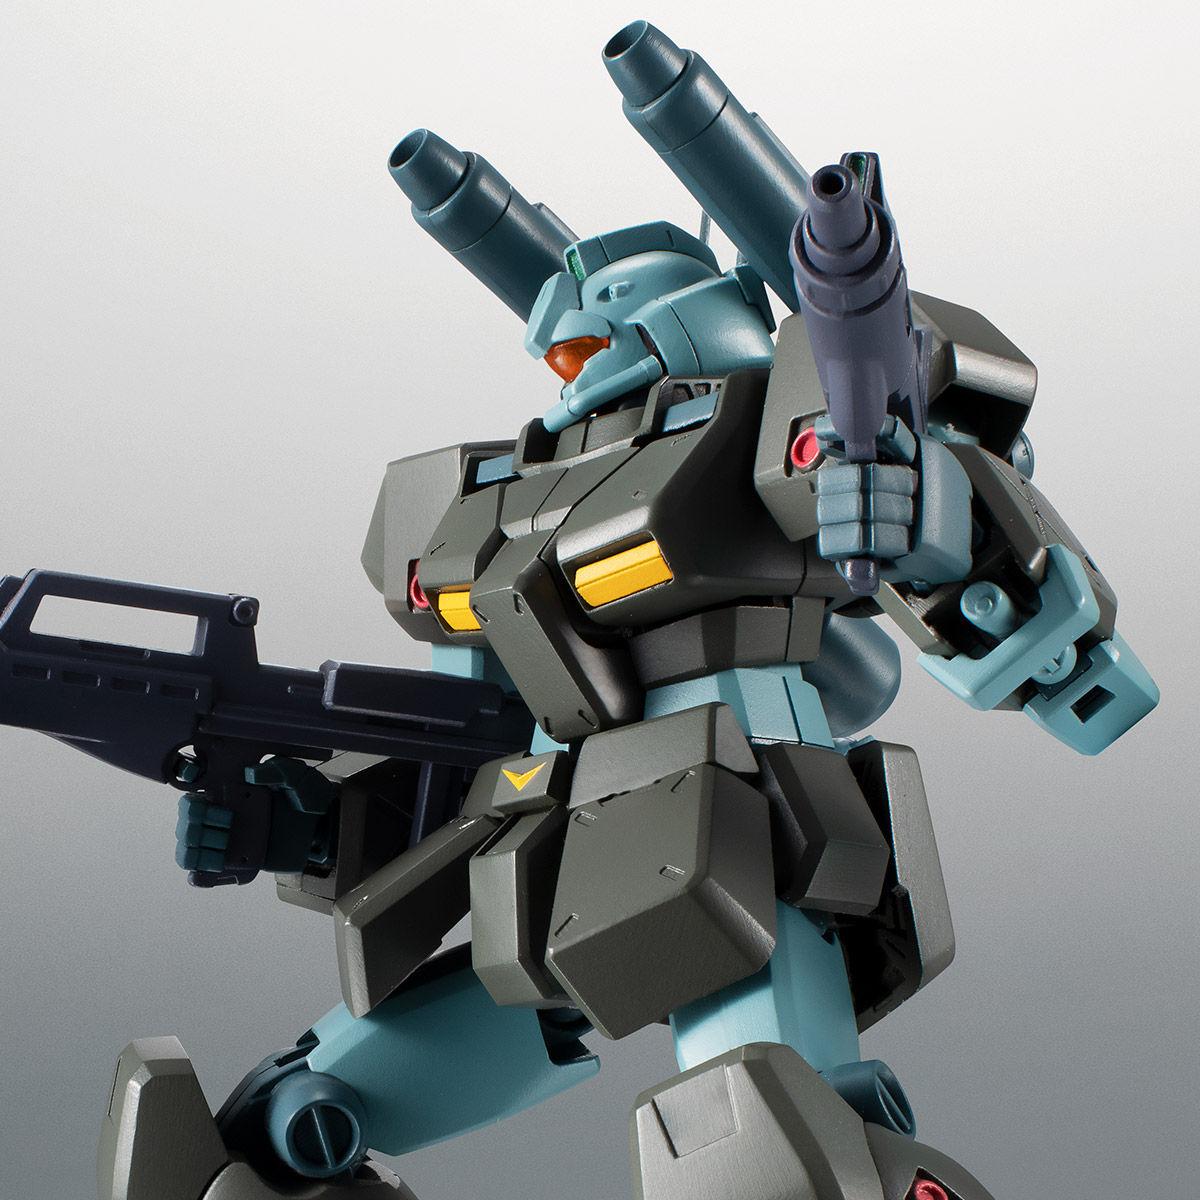 【限定販売】ROBOT魂〈SIDE MS〉『RGC-83 ジム・キャノンII ver. A.N.I.M.E.』ガンダム0083 可動フィギュア-001